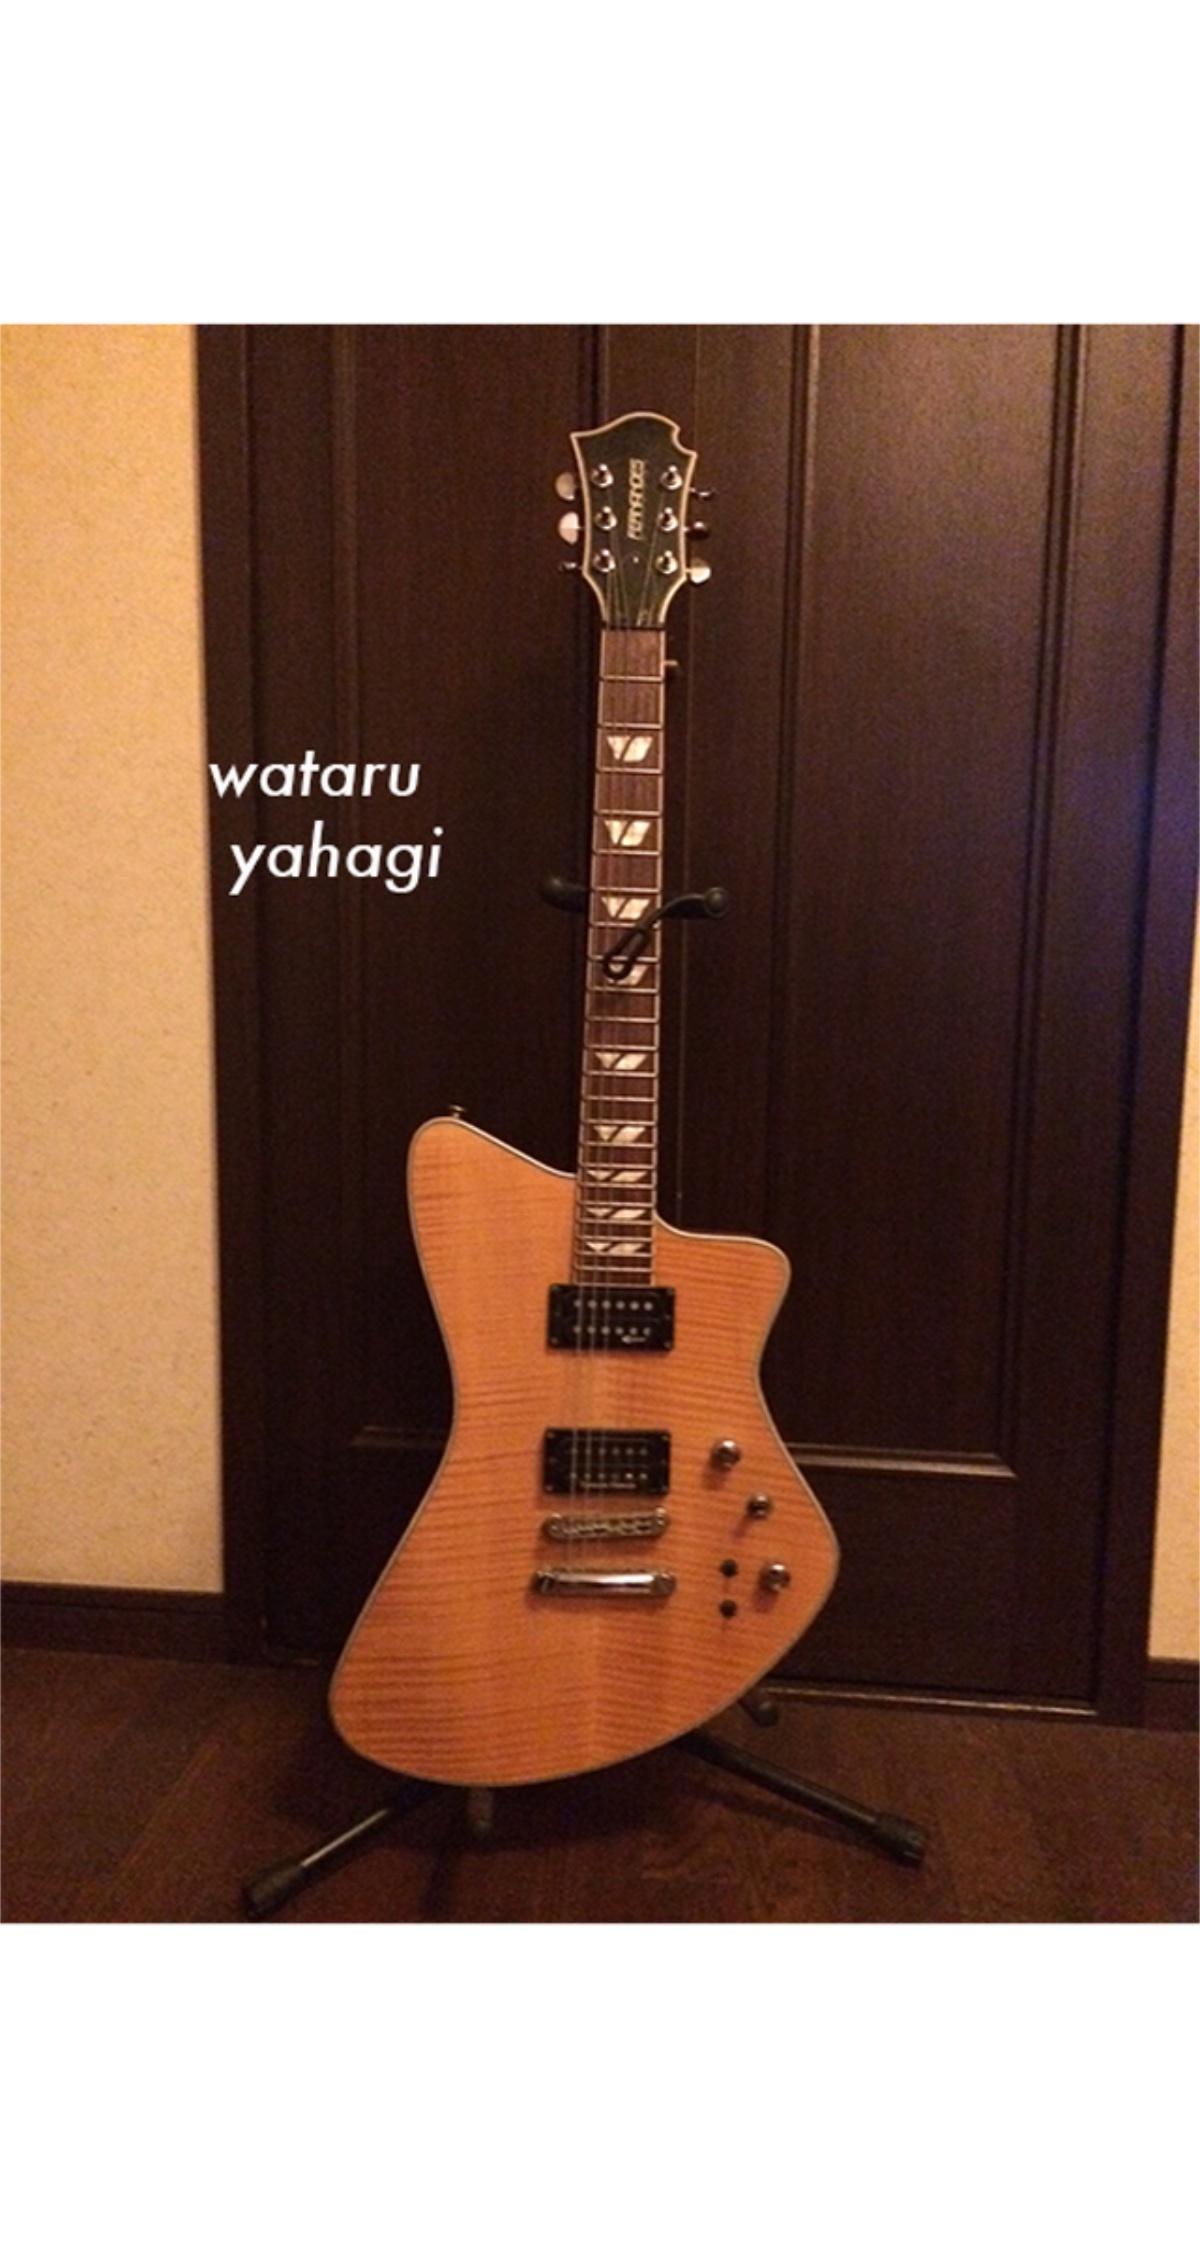 【矢萩渉、所有ギタープレゼントプラン】